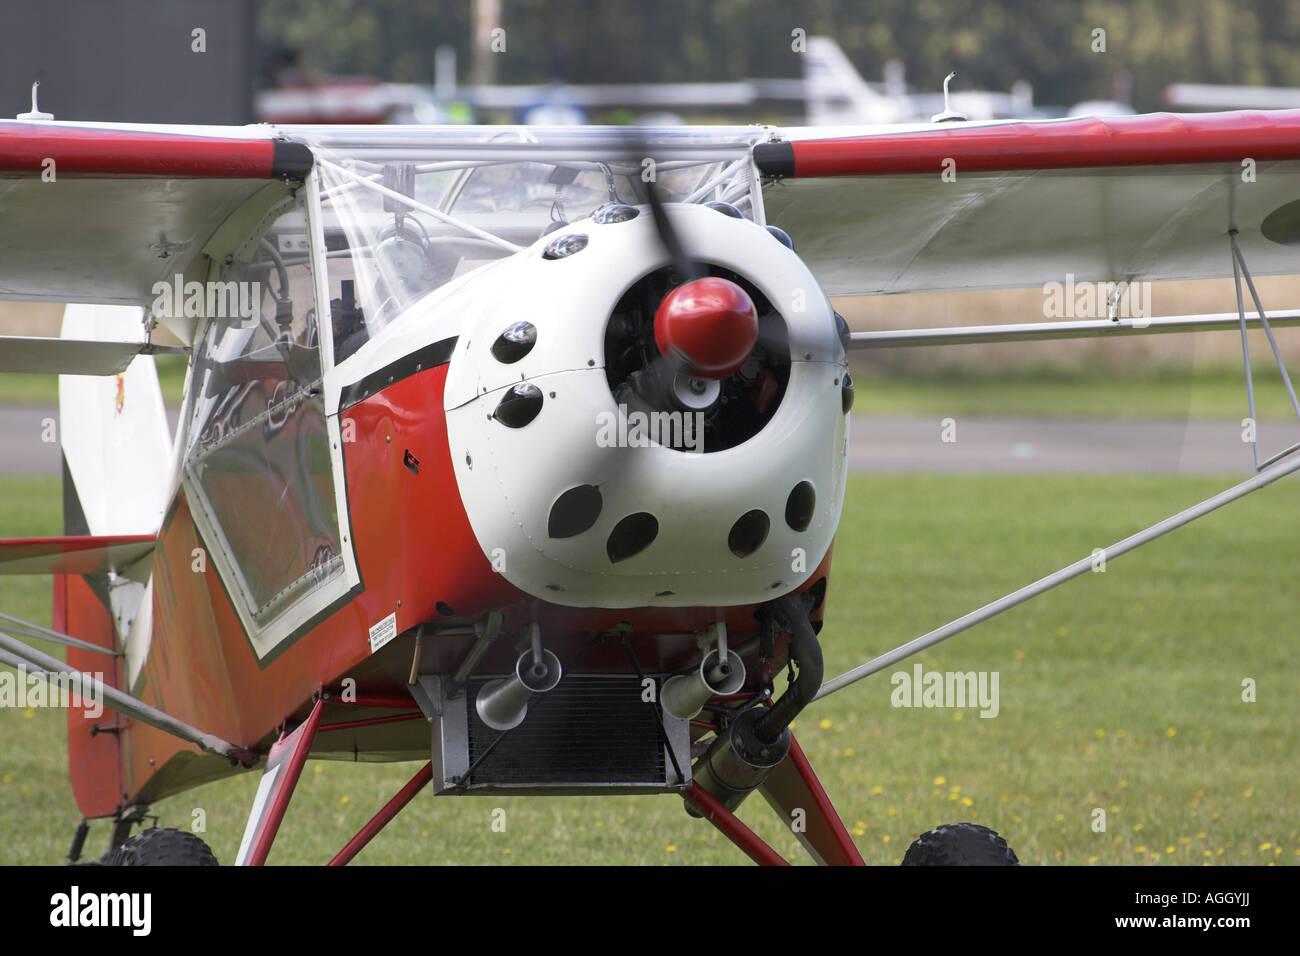 Denney Kitfox G-BTIR microlight aircraft taxiing at Sherburn